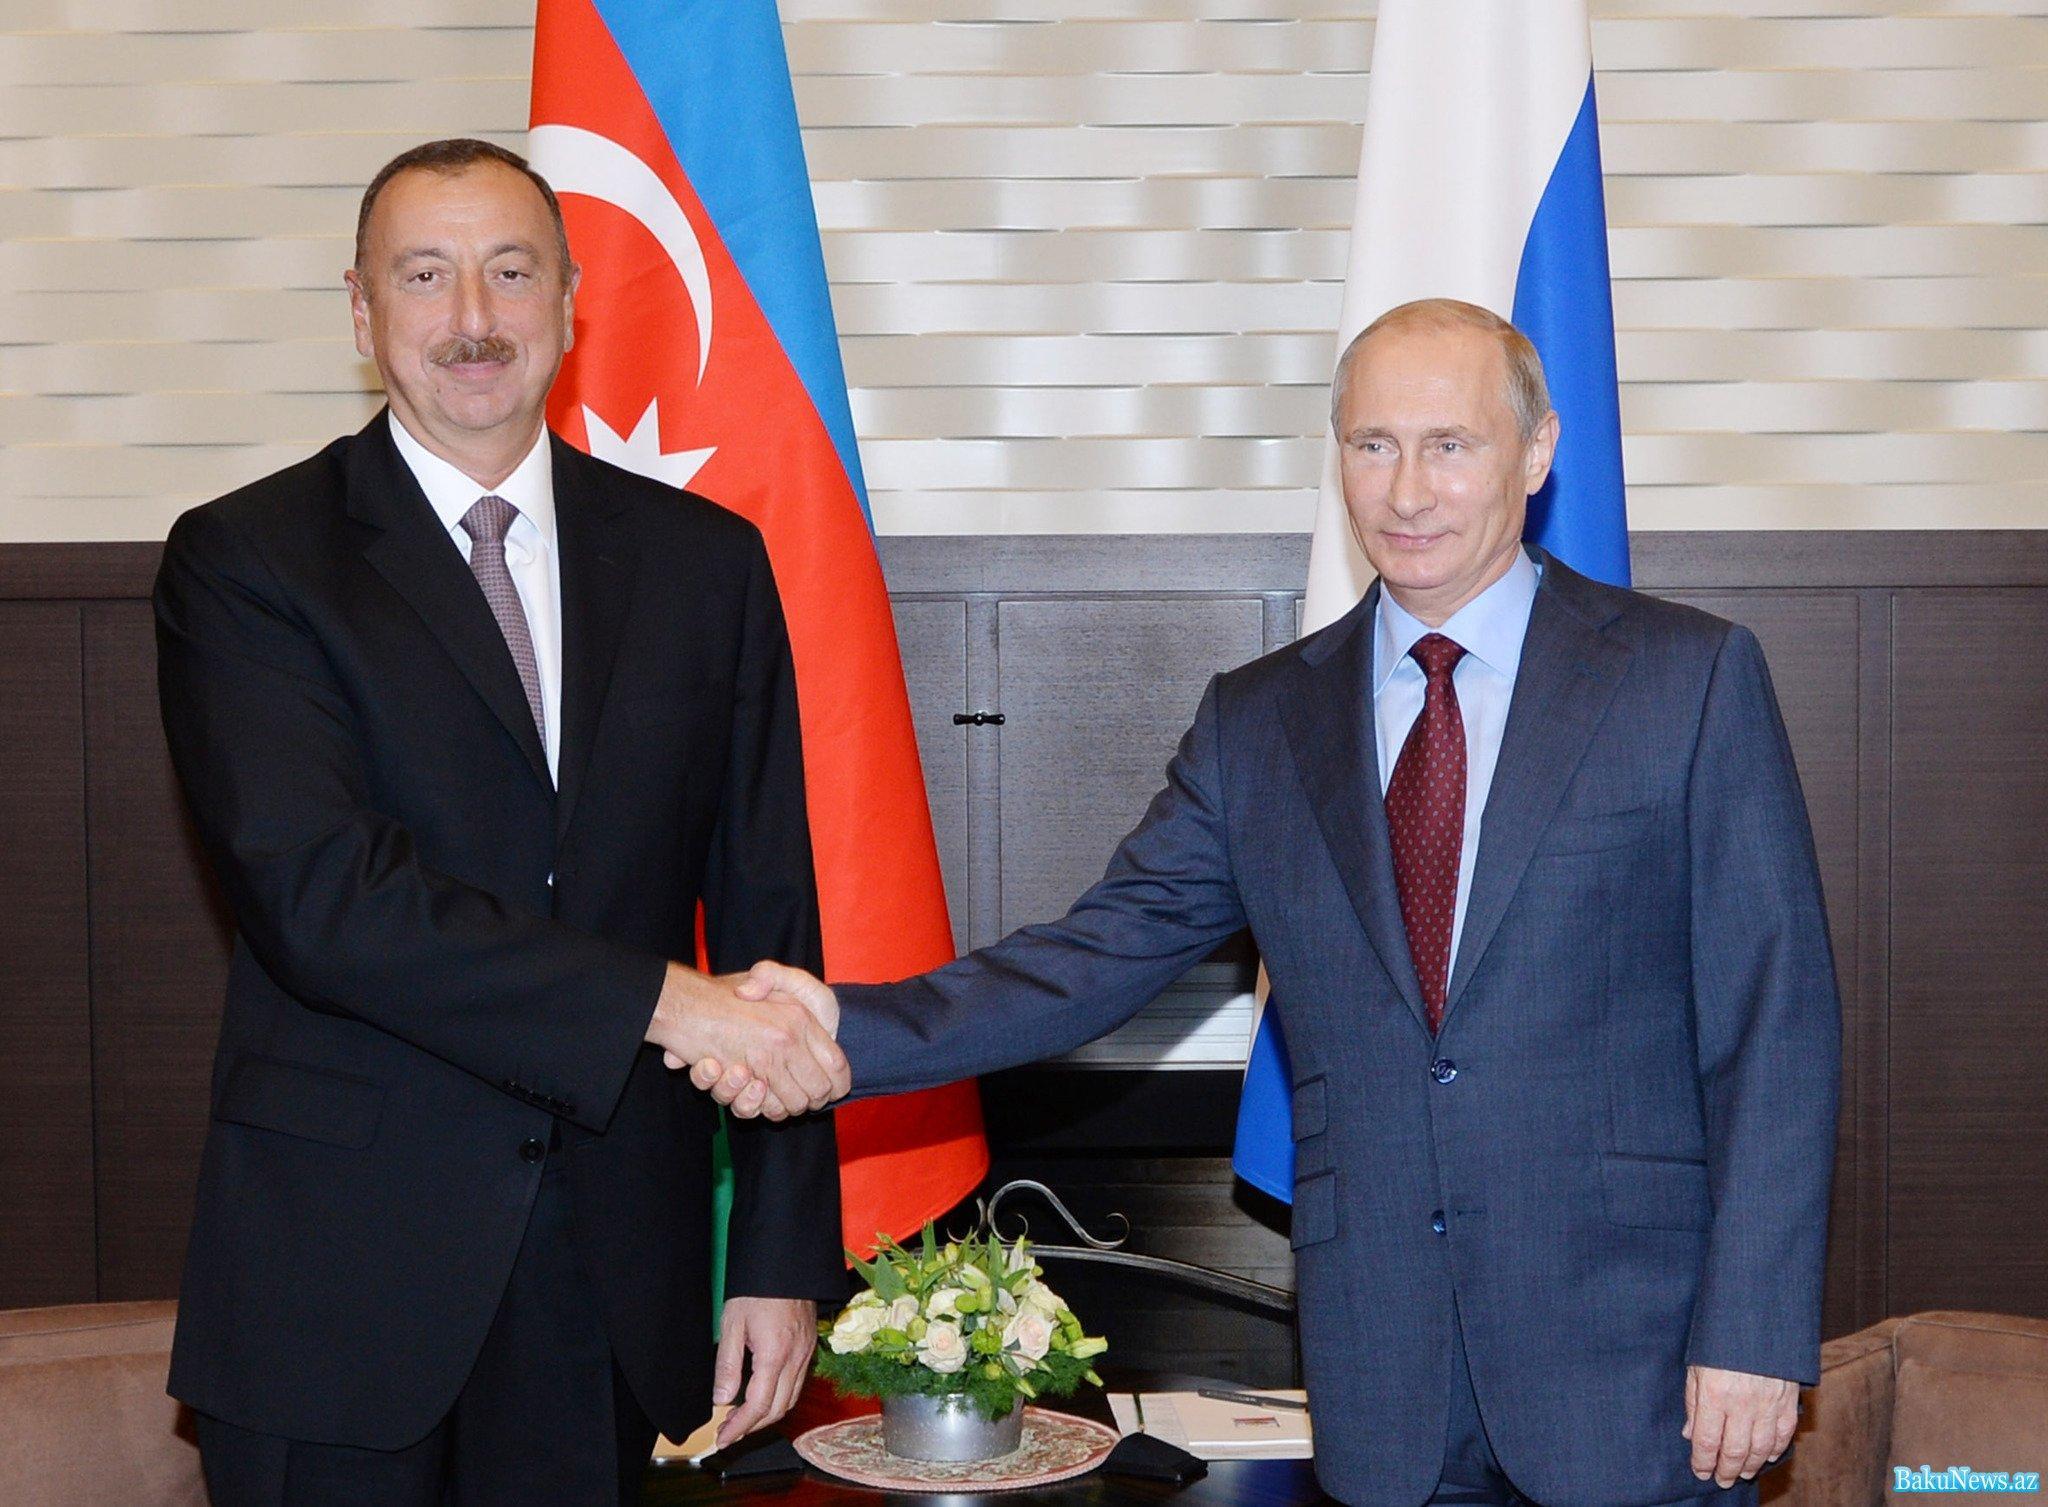 Президент Ильхам Алиев: Нам удалось выйти на качественно новый уровень взаимодействия с Россией